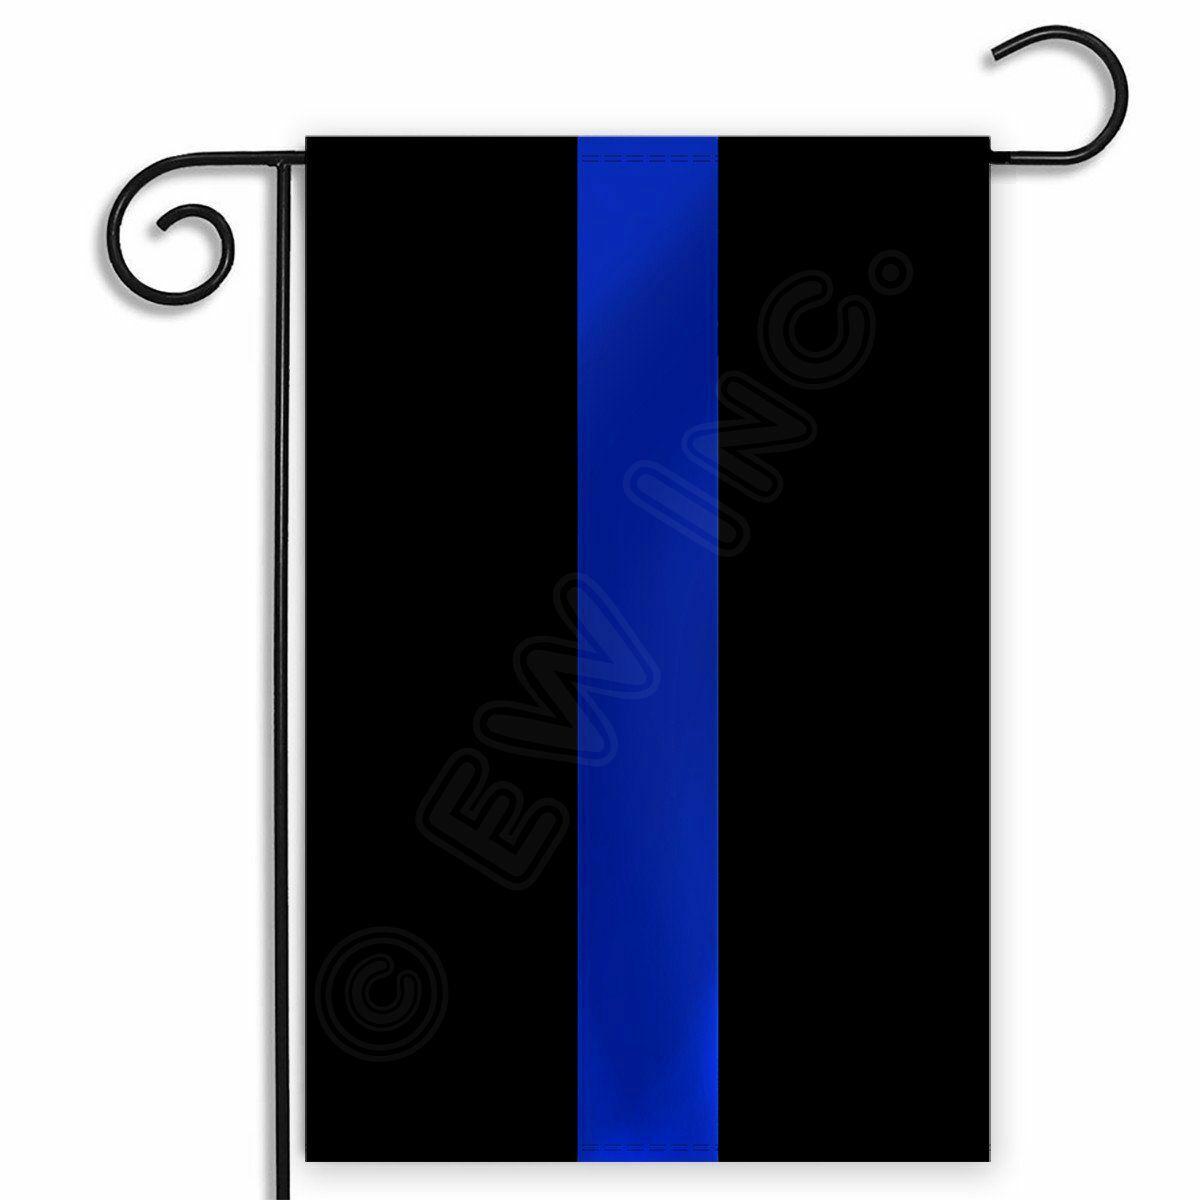 12x18 USA Thin Blue Line Police Flag 12'x18' sleeved sleeve